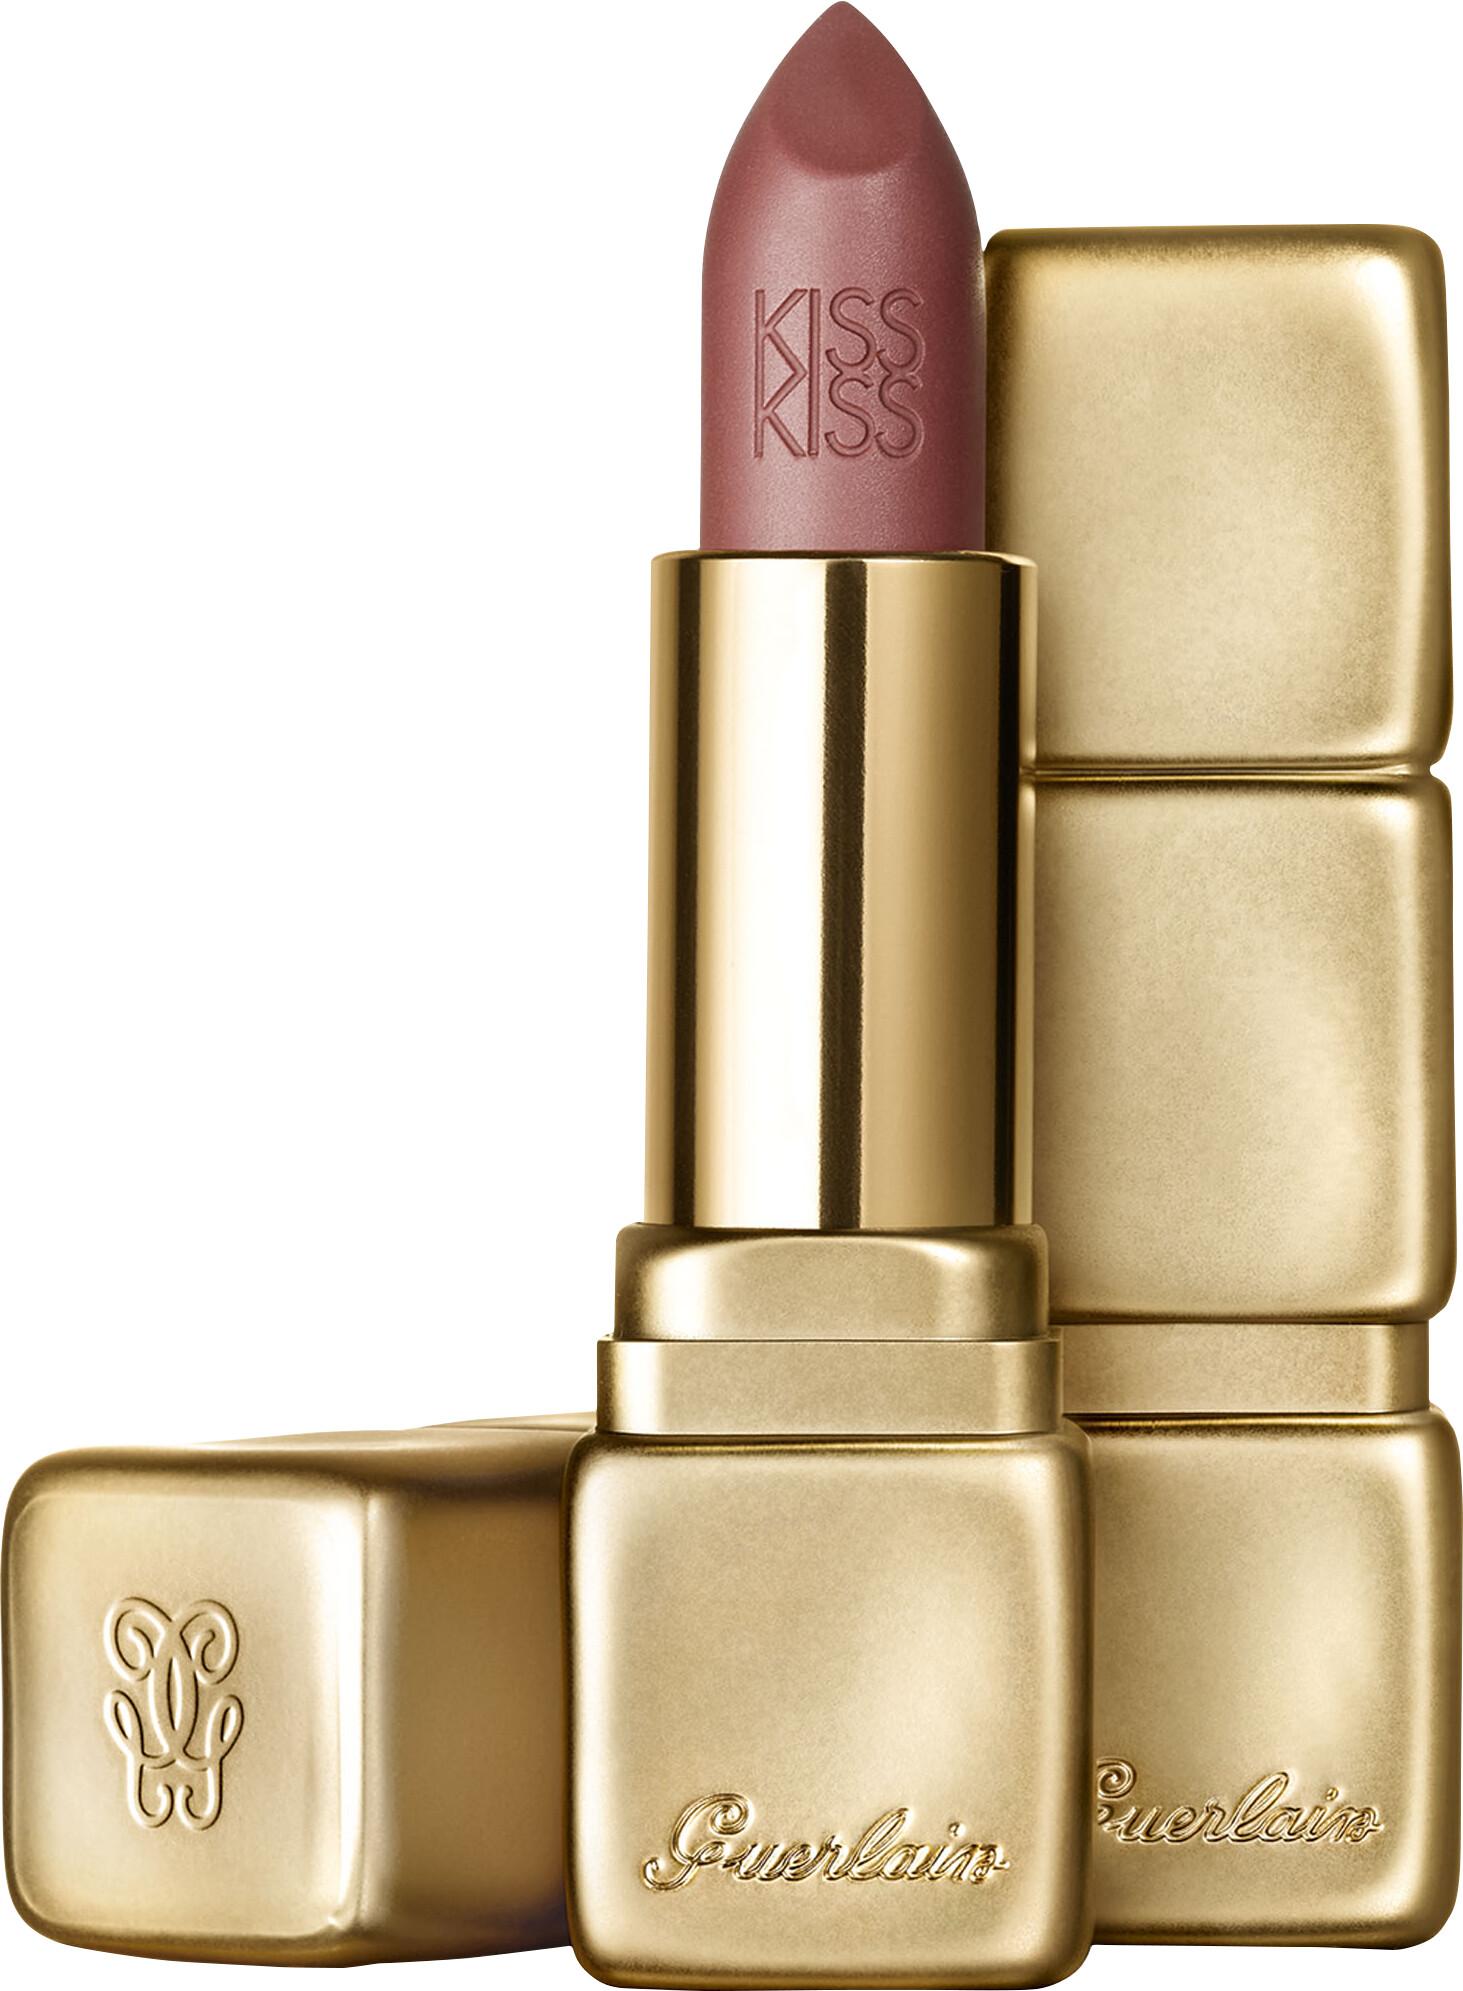 Guerlain KissKiss Matte Lipstick M347 Zesty Orange 0.12 oz